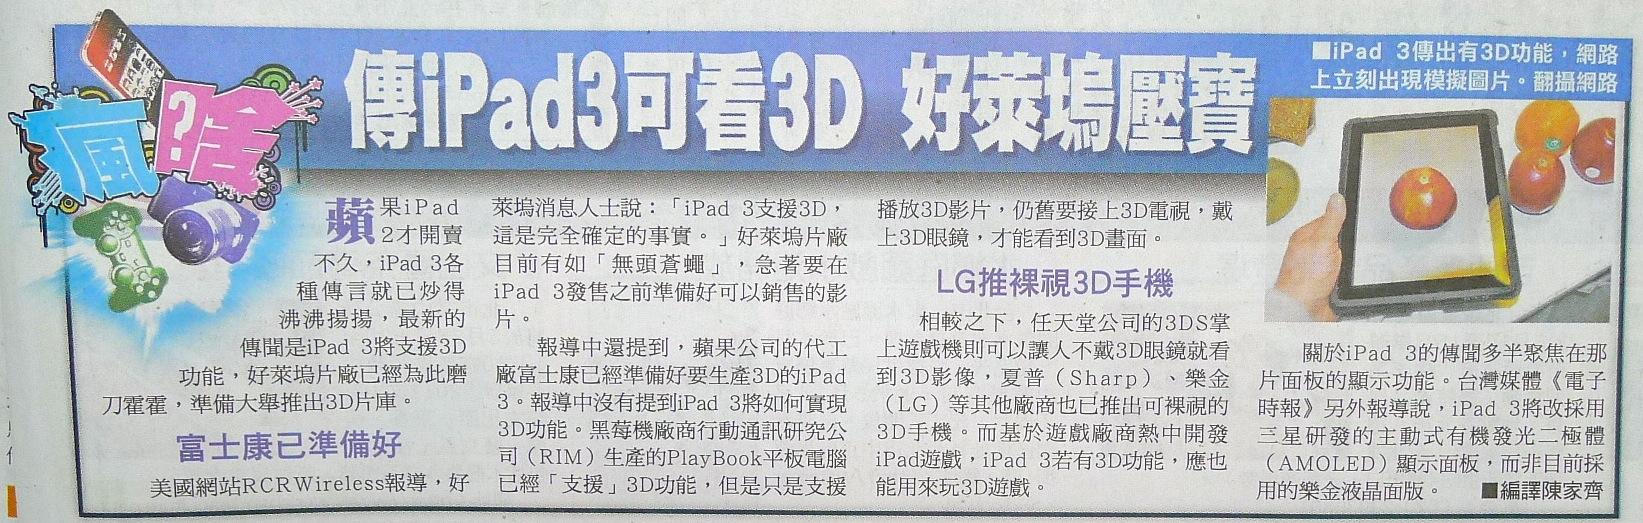 傳iPad3可看3D 好萊塢壓寶